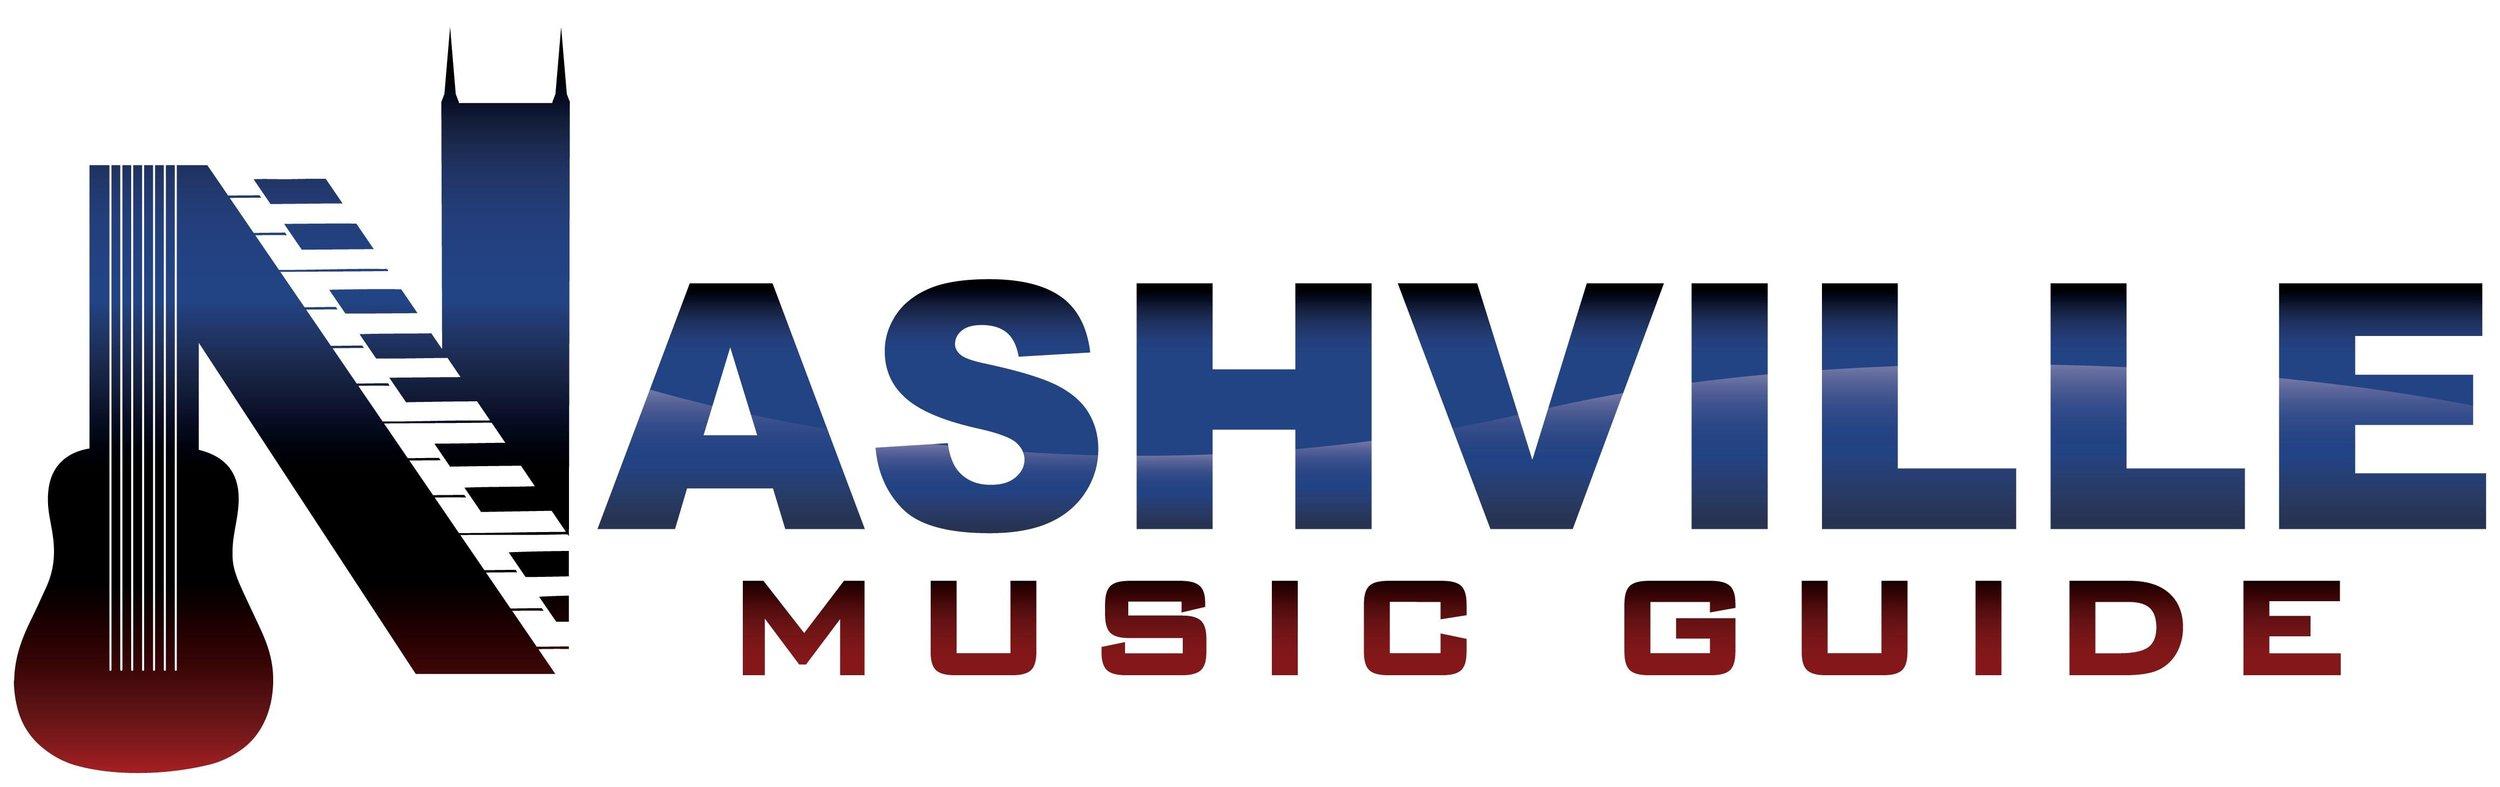 Nashville Music Guide magazine.jpg